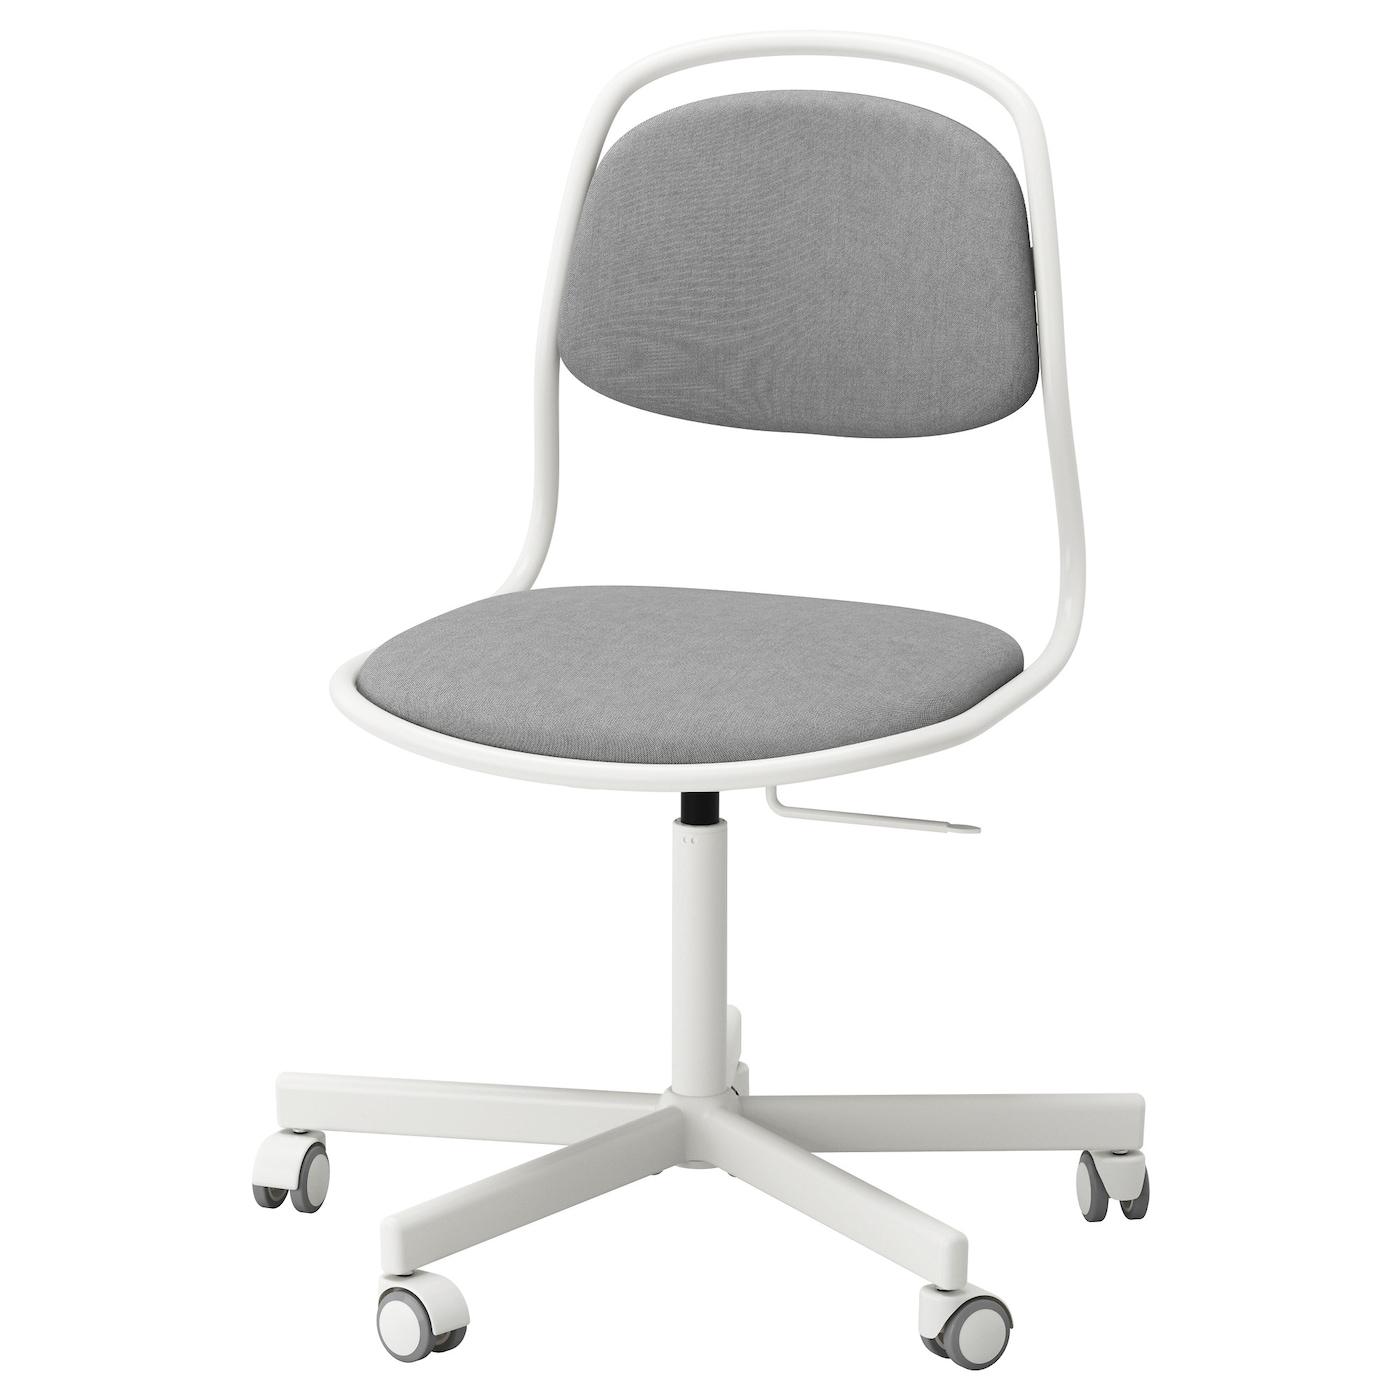 rfj ll sporren swivel chair white vissle light grey ikea. Black Bedroom Furniture Sets. Home Design Ideas